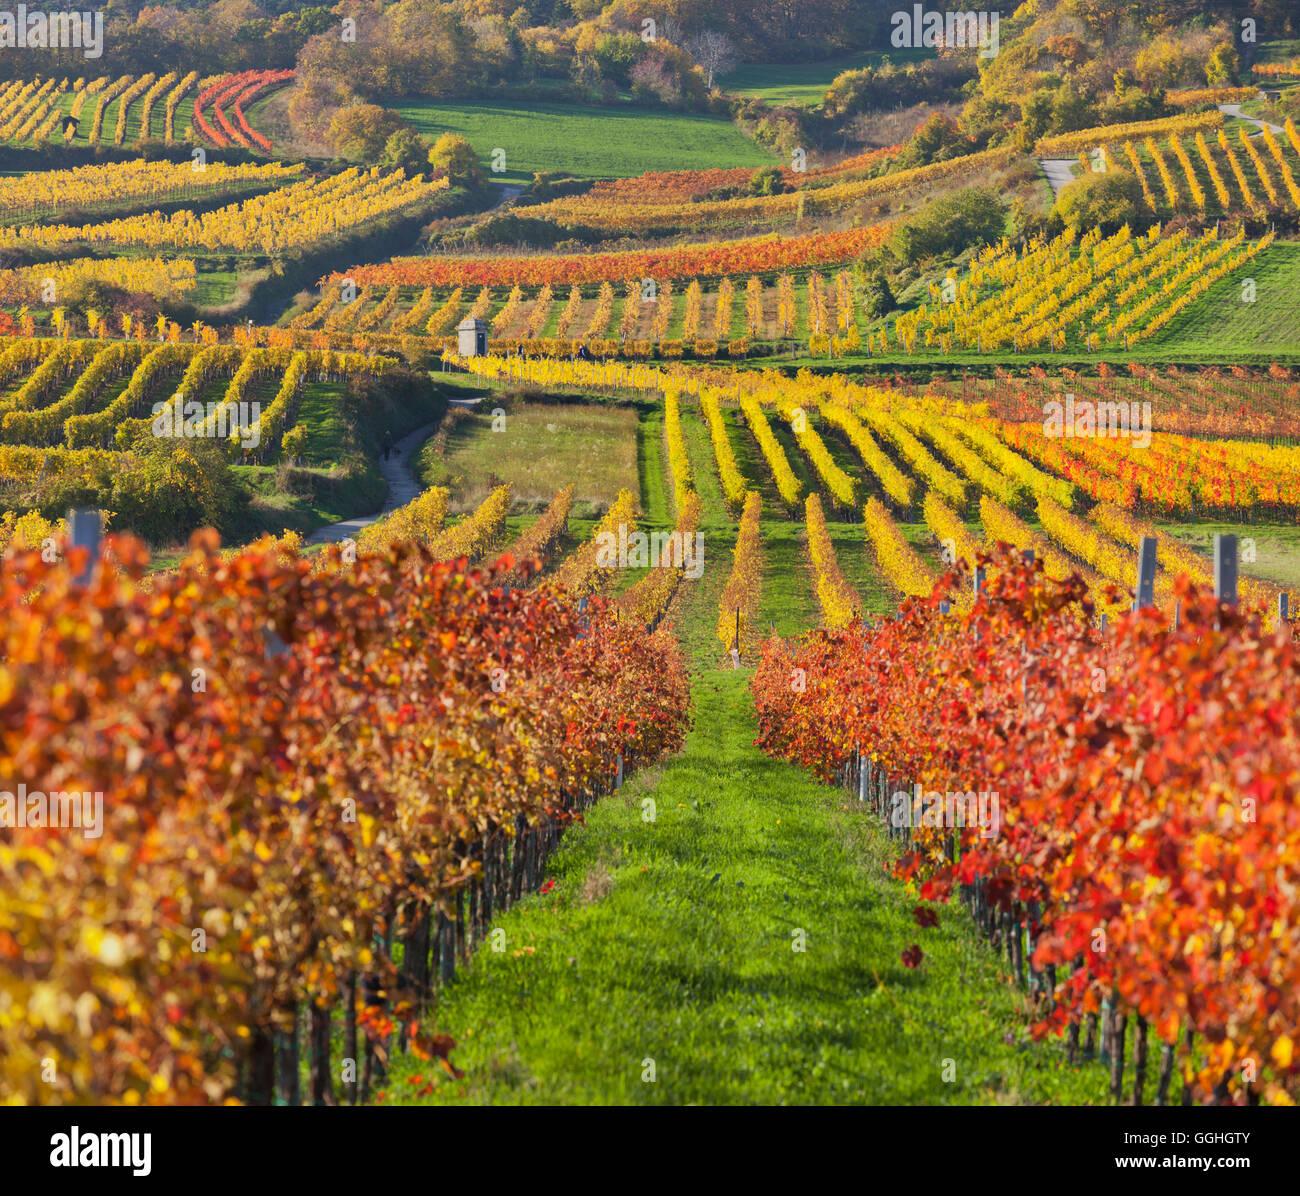 Herbstliche Reben, Weinberge, Baden Bei Wien, Südlichen